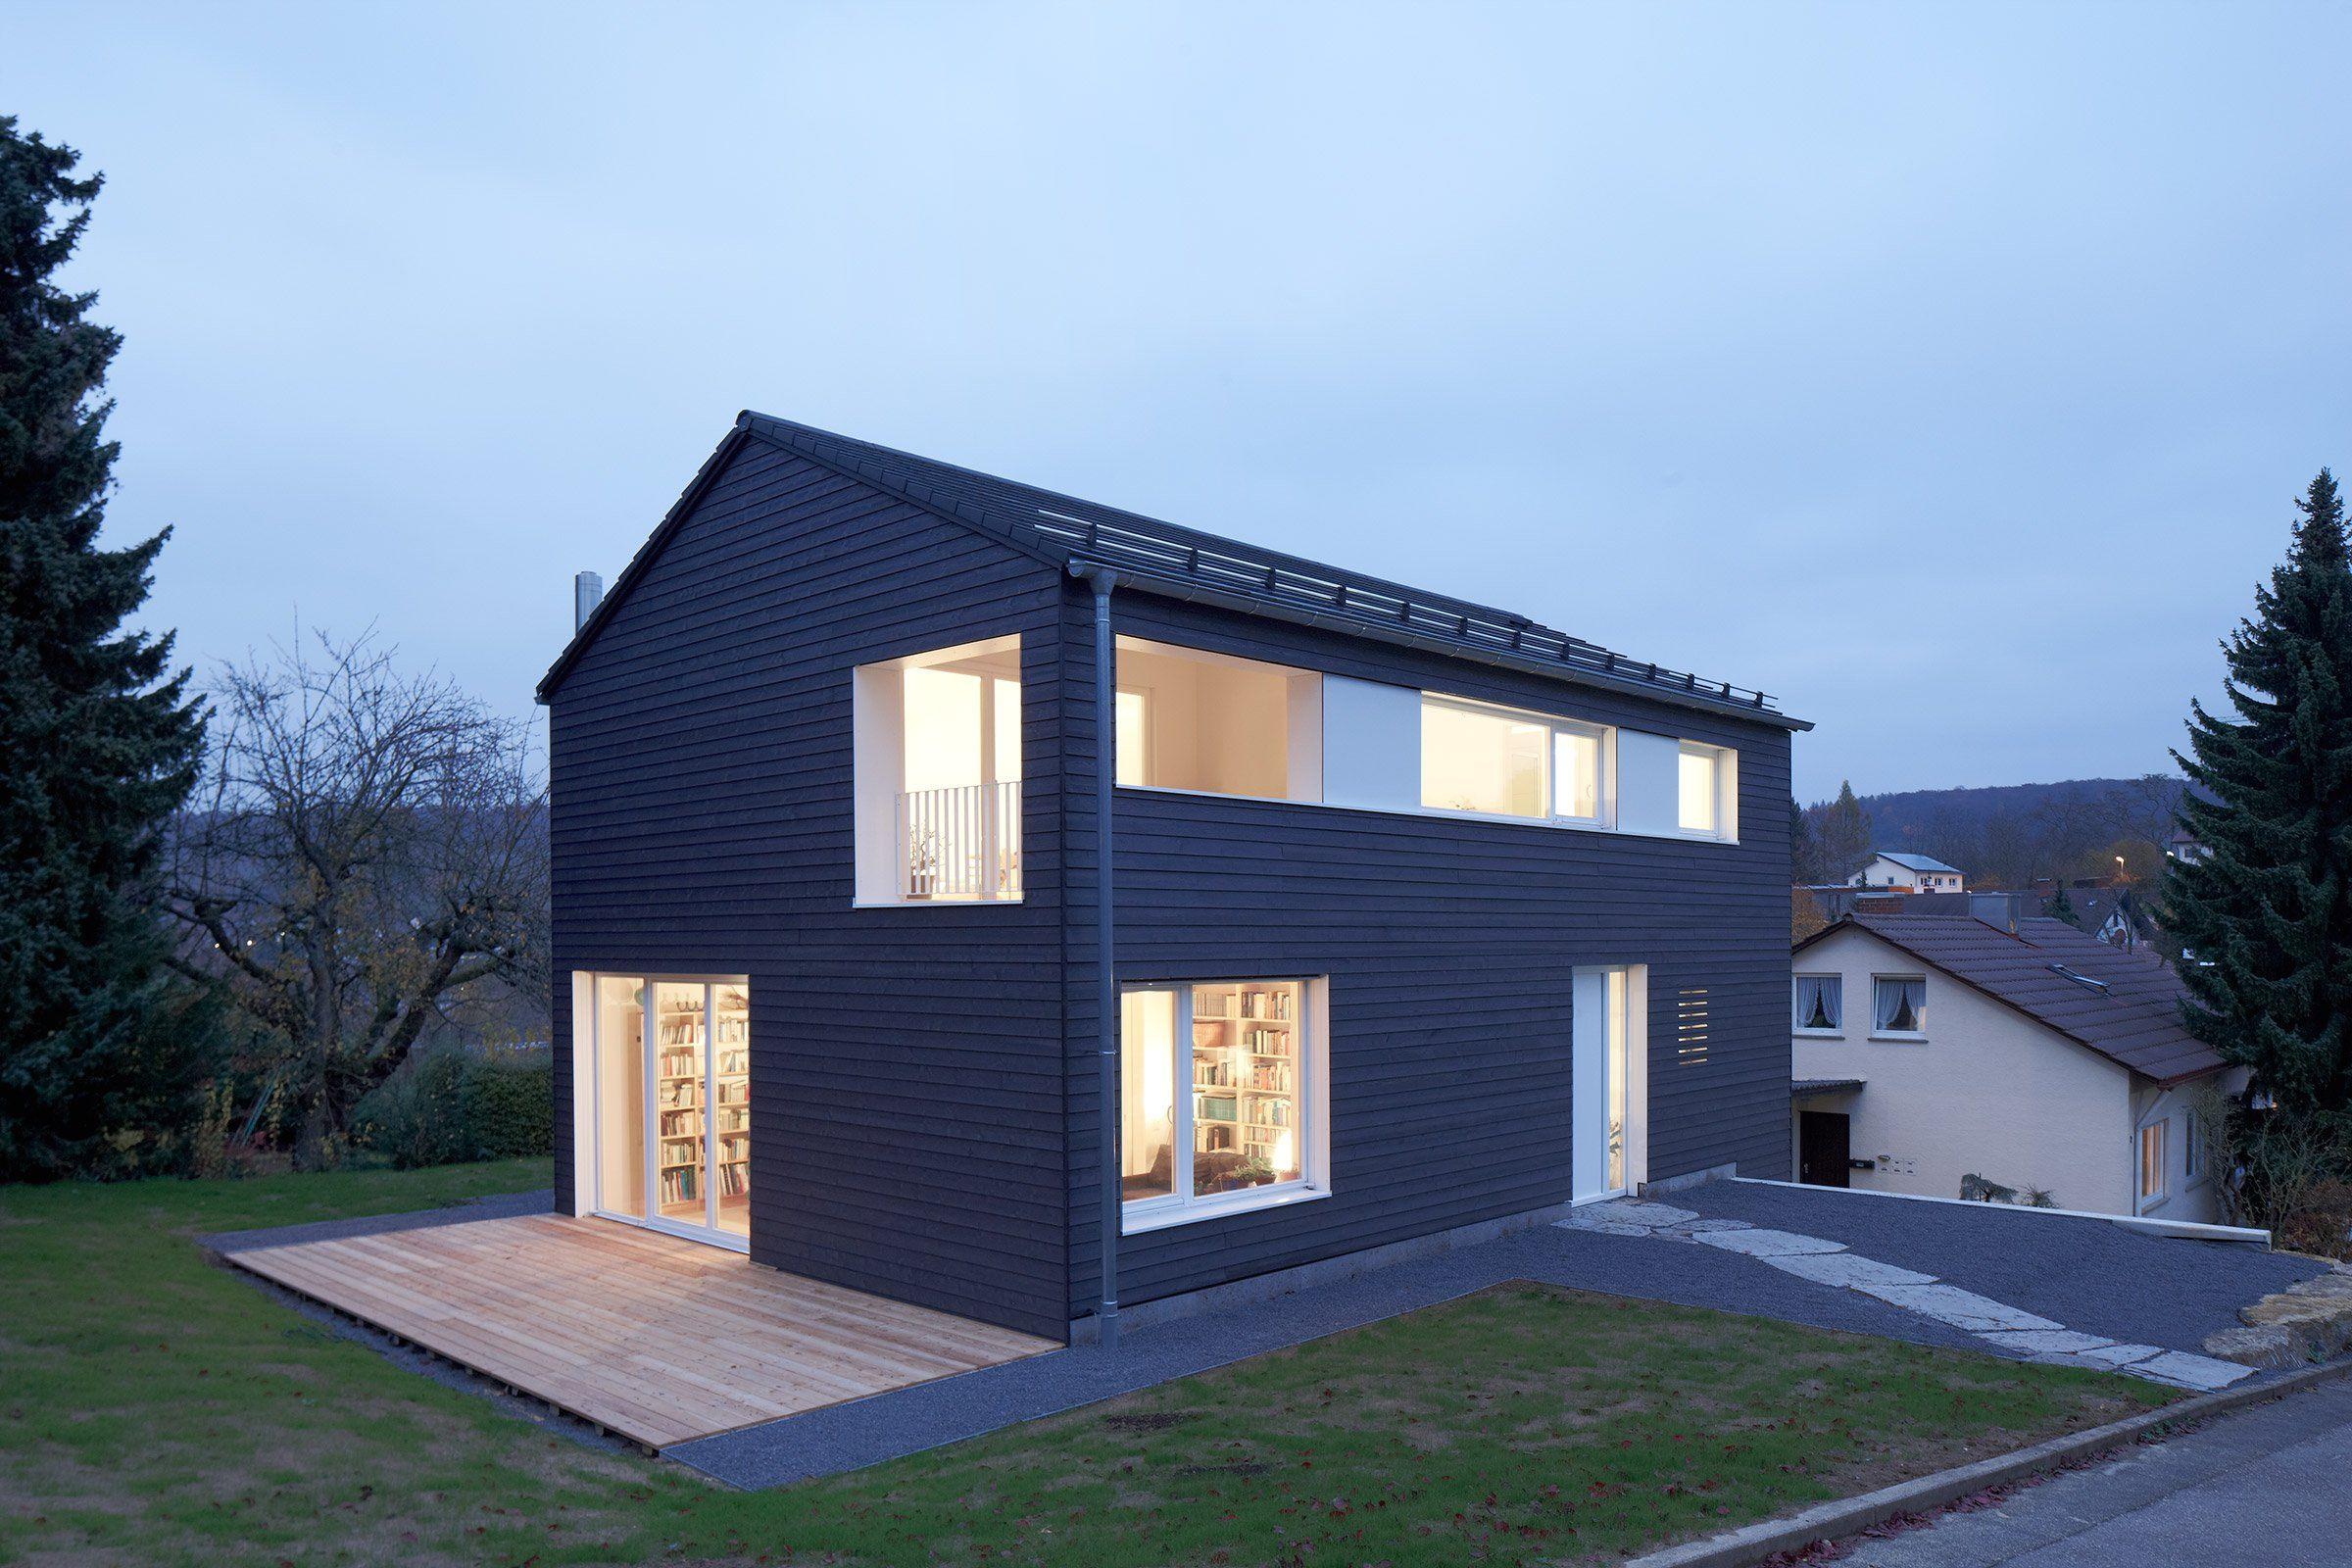 Architekten Heilbronn holzwohnhaus heilbronn mattes riglewski architekten architektura